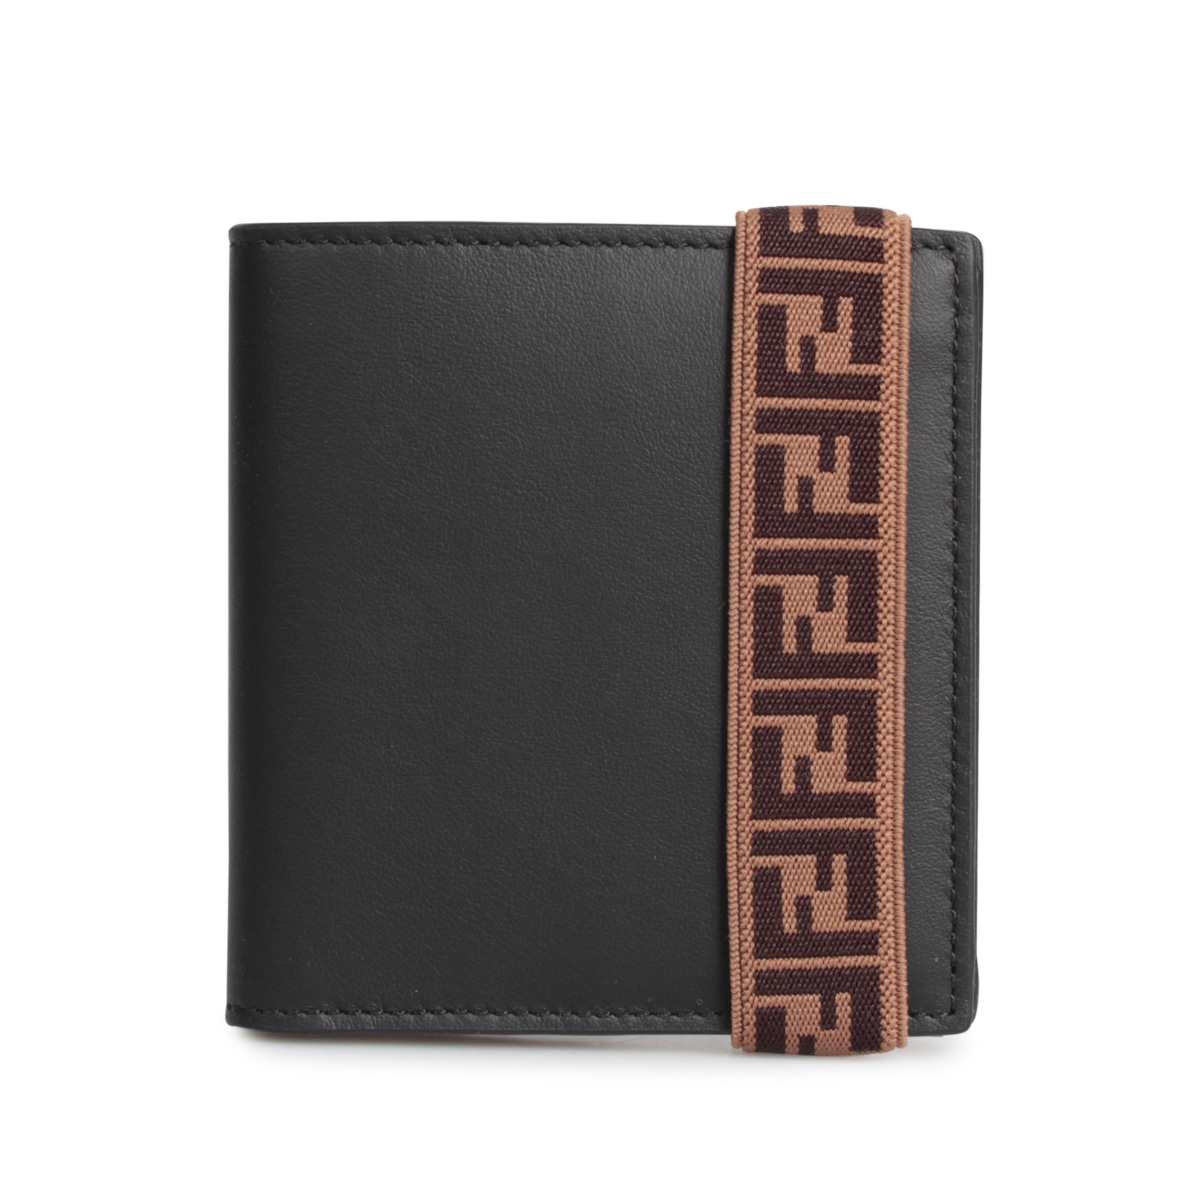 FENDI BI-FOLD WALLET フェンディ 財布 二つ折り メンズ ブラック 黒 7M0277 A8VC